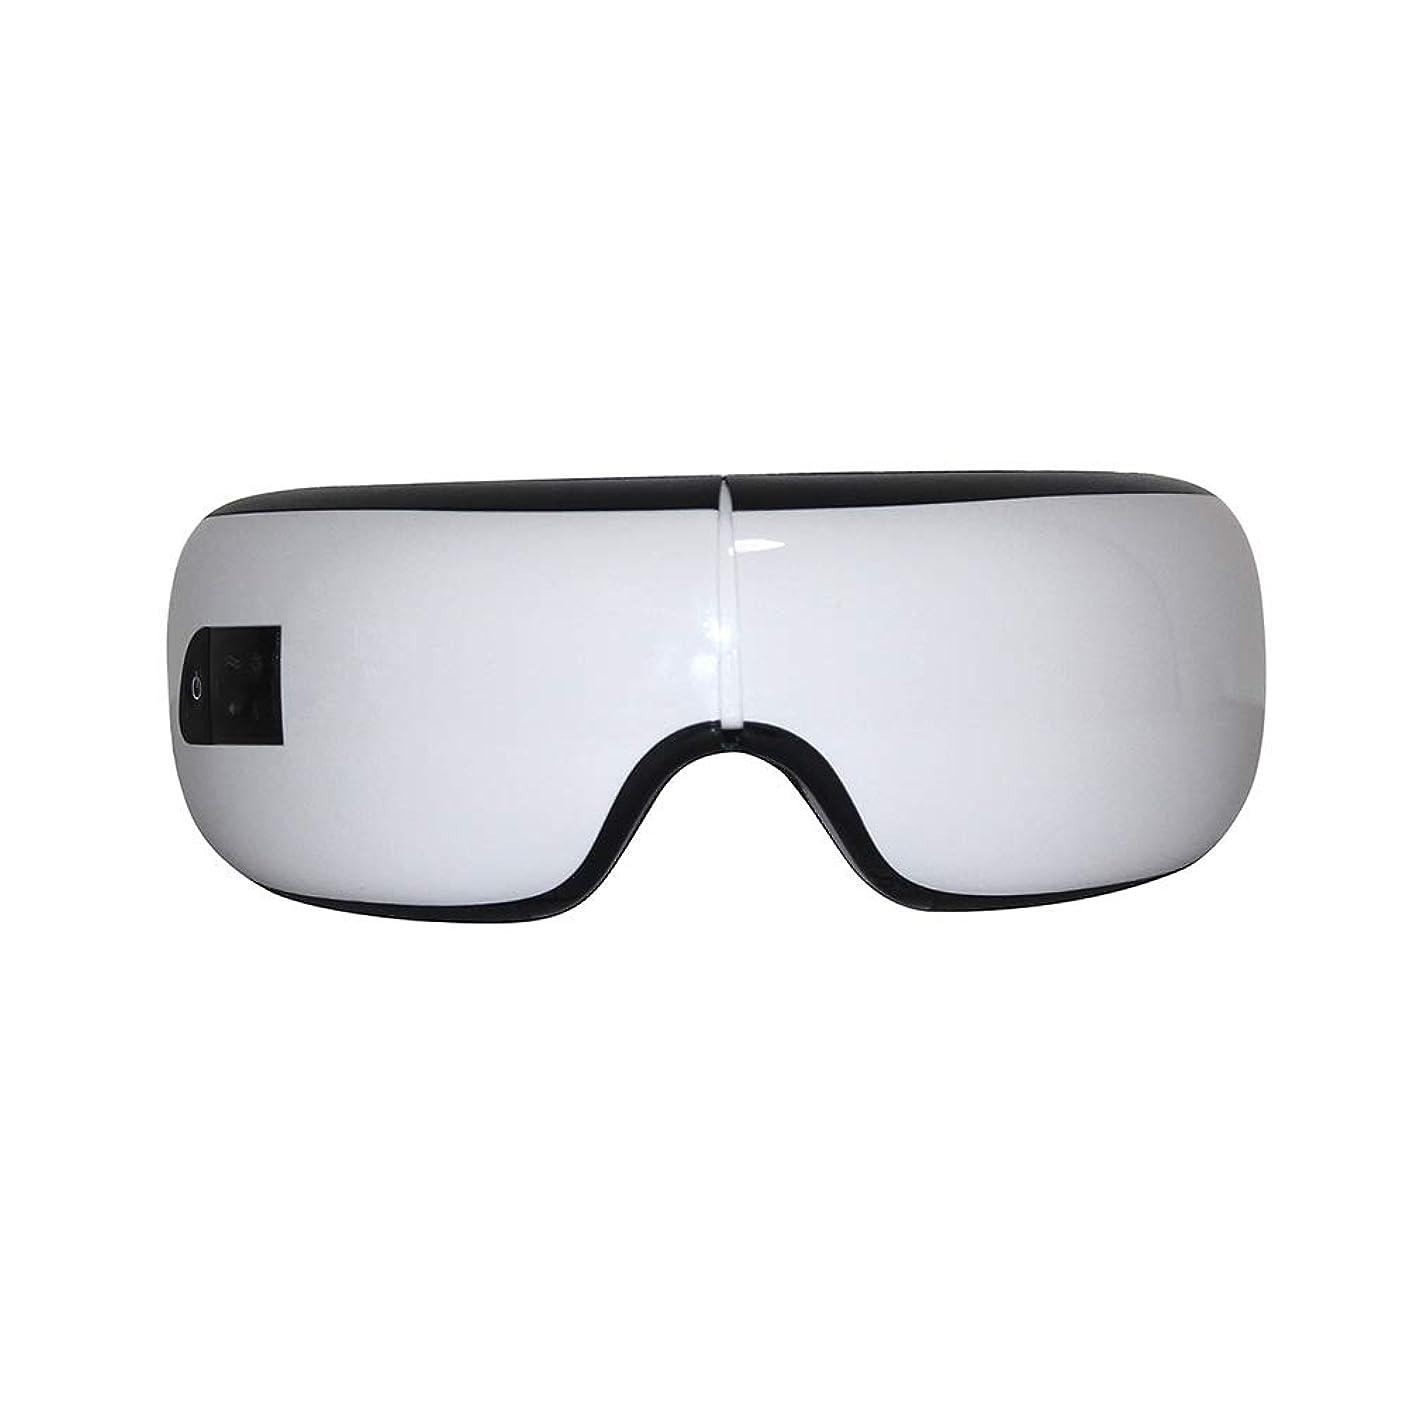 勤勉困惑するバラ色電気振動Bluetoothアイマッサージャーアイケアデバイスしわ疲労緩和振動マッサージホットコンプレスセラピーメガネクリスマスギフト